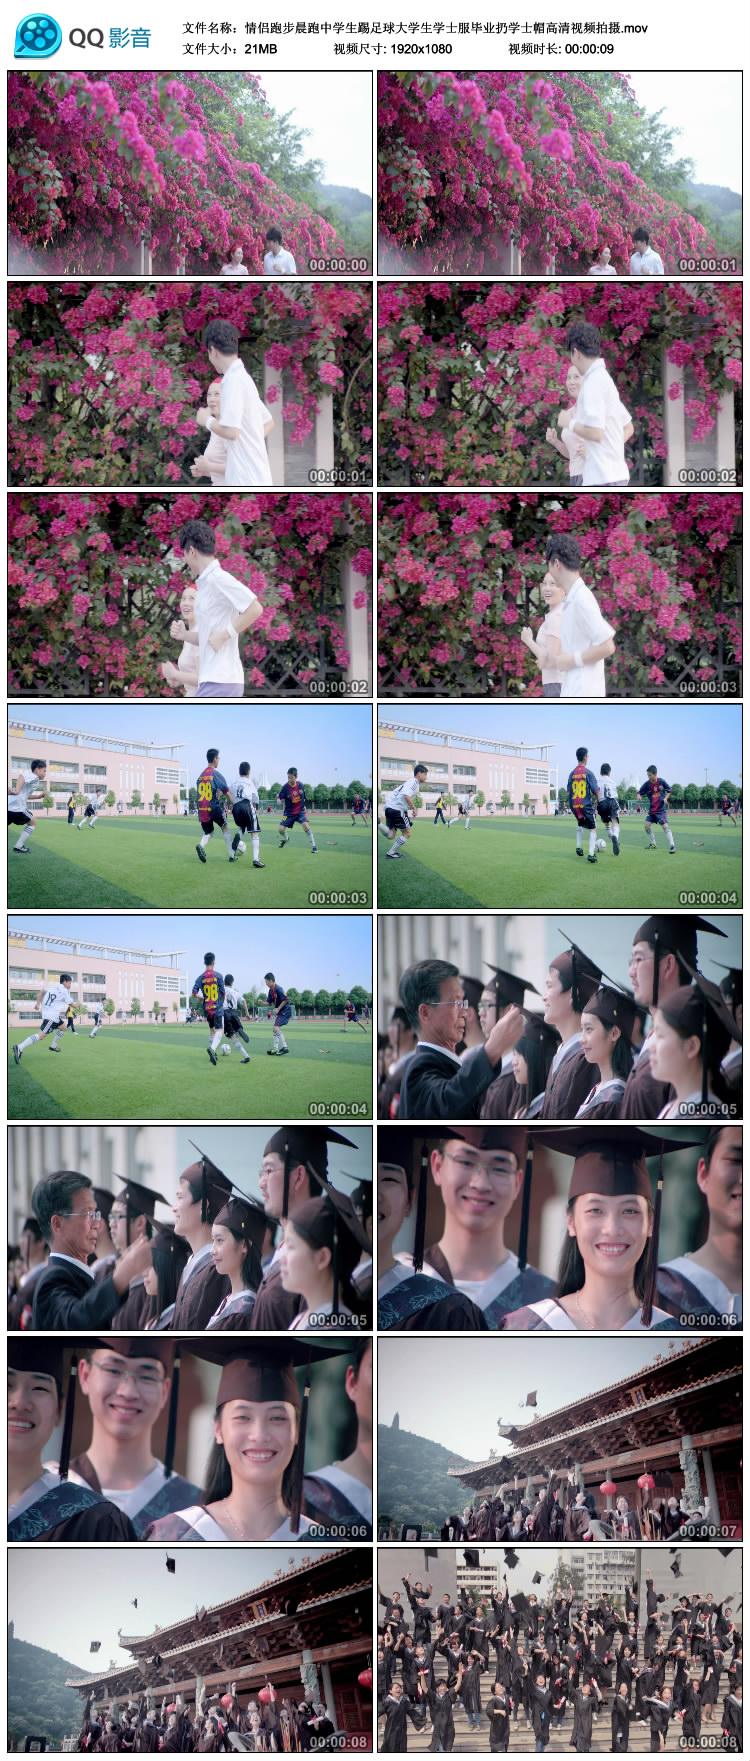 情侣晨跑跑步中学生踢足球大学生毕业扔学士帽高清实拍视频素材